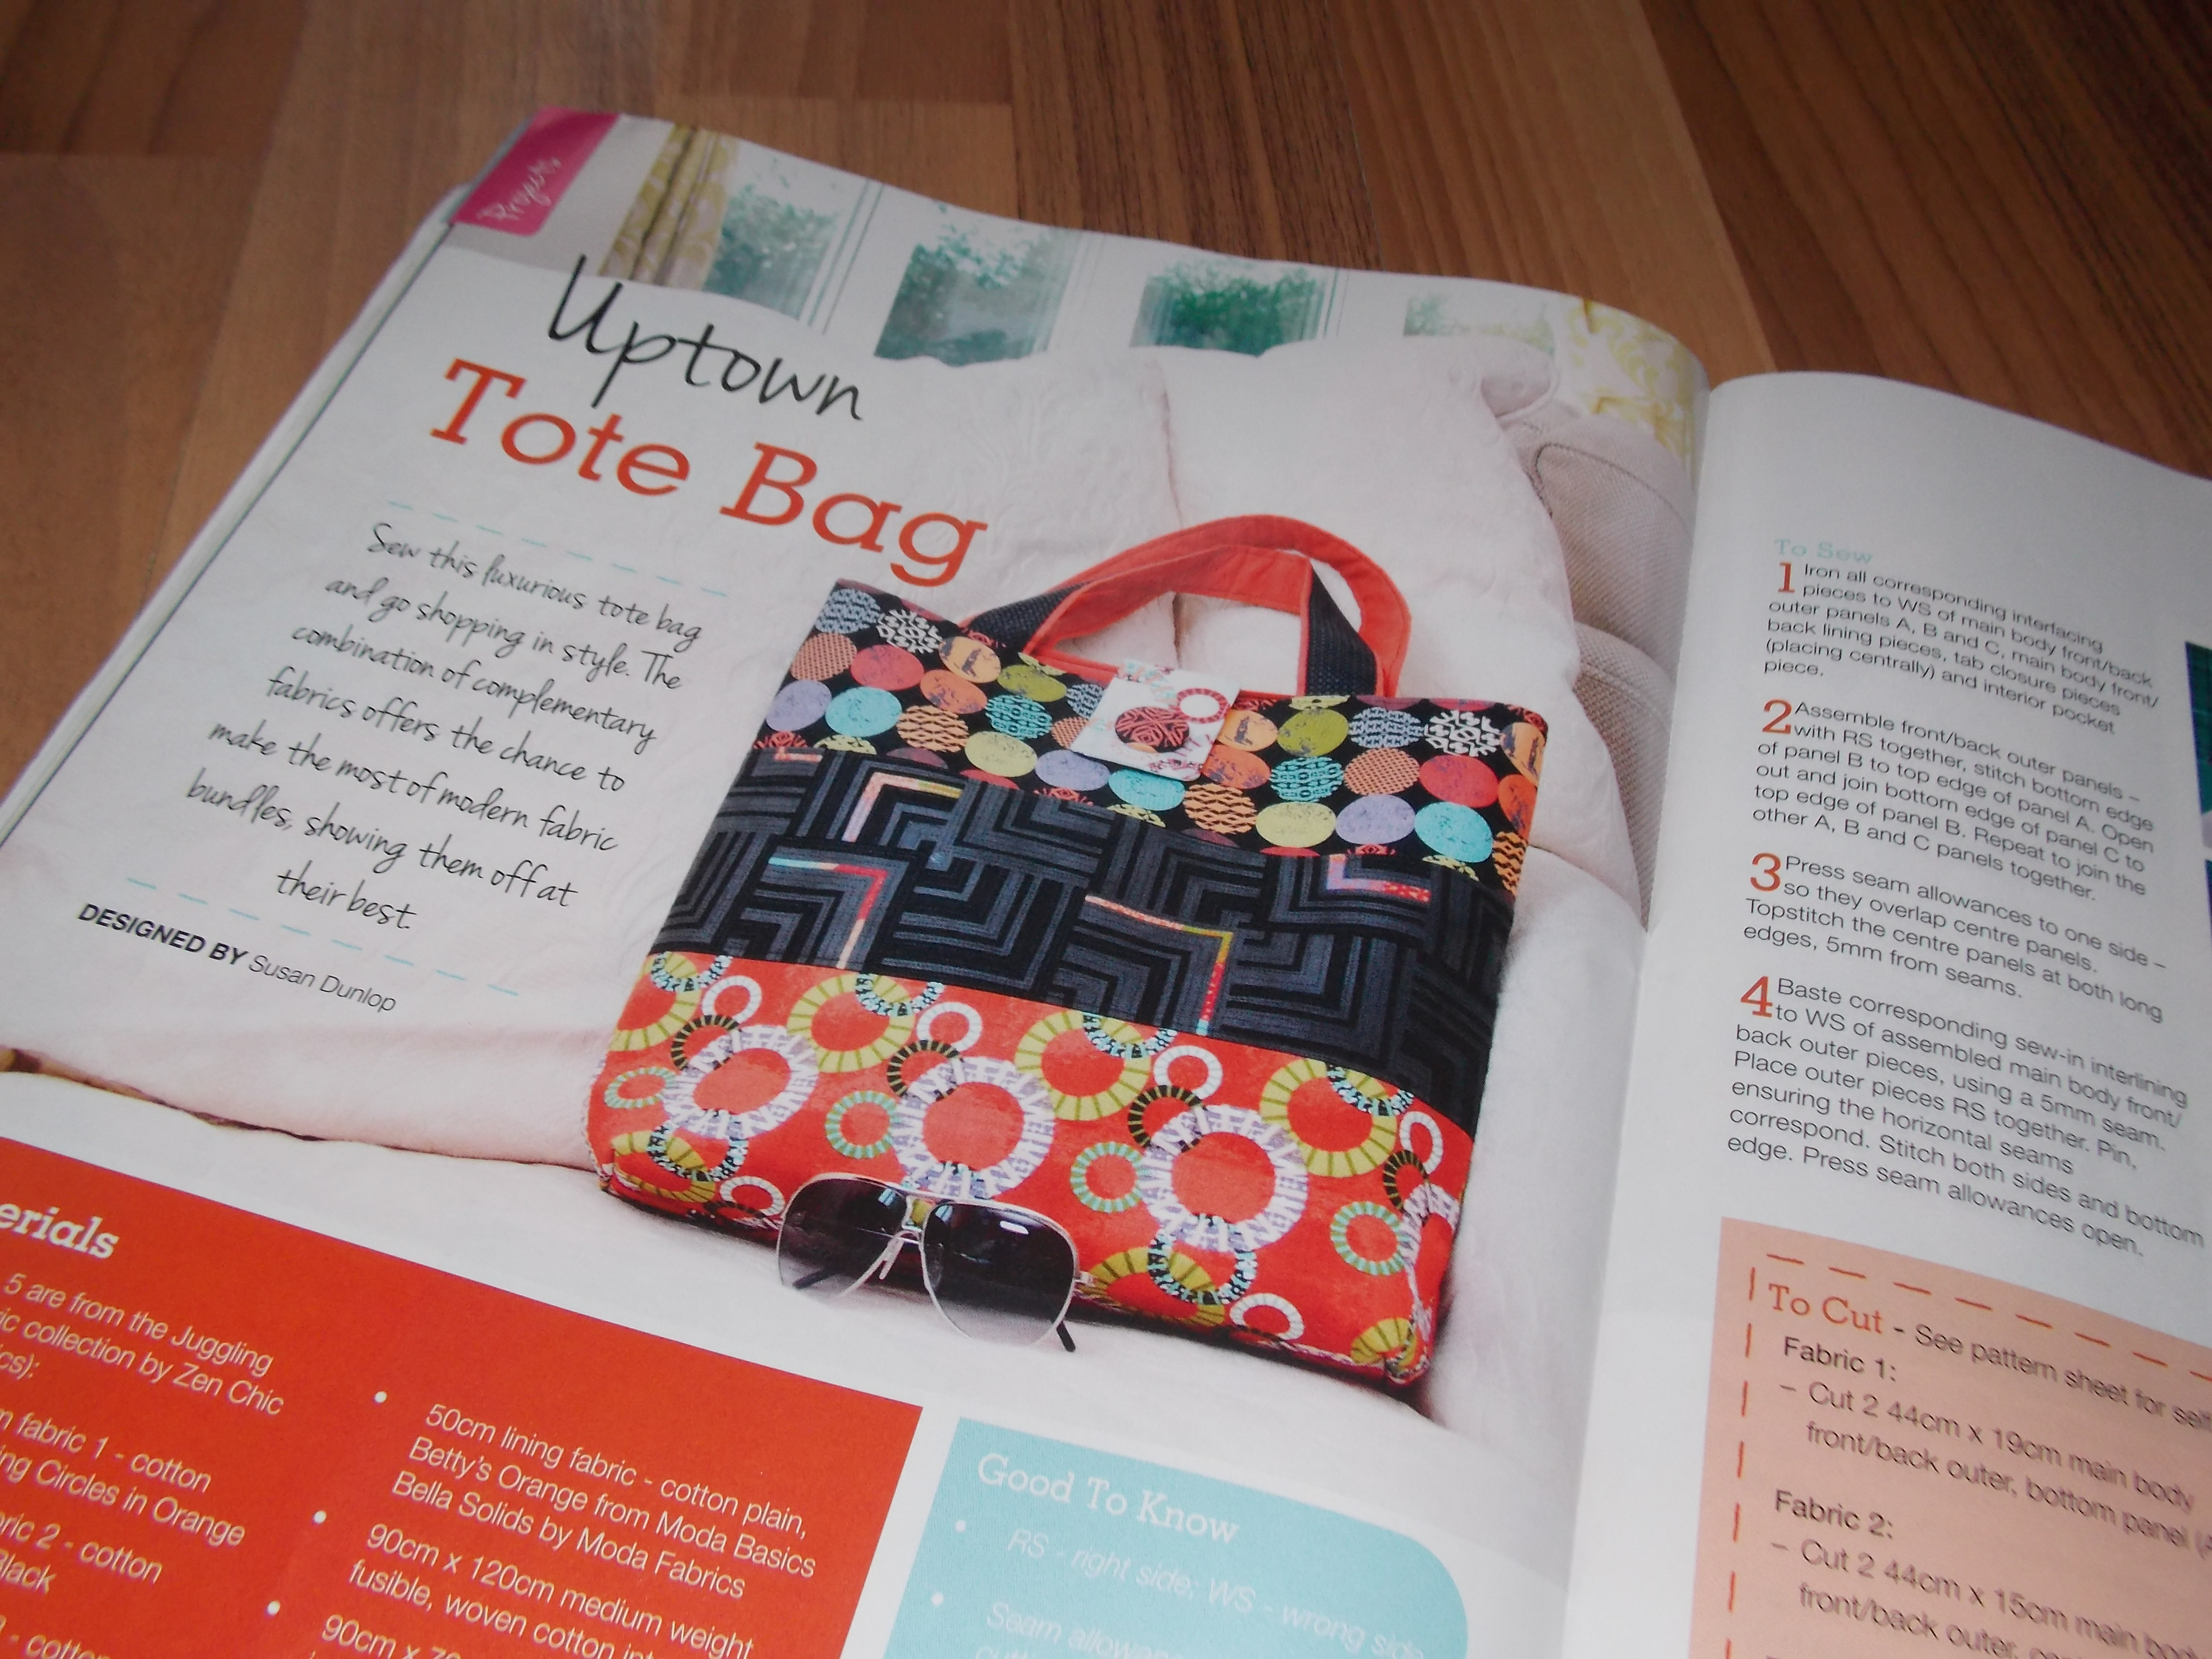 Sewing world magazine review july 2013 solely sewing image jeuxipadfo Choice Image